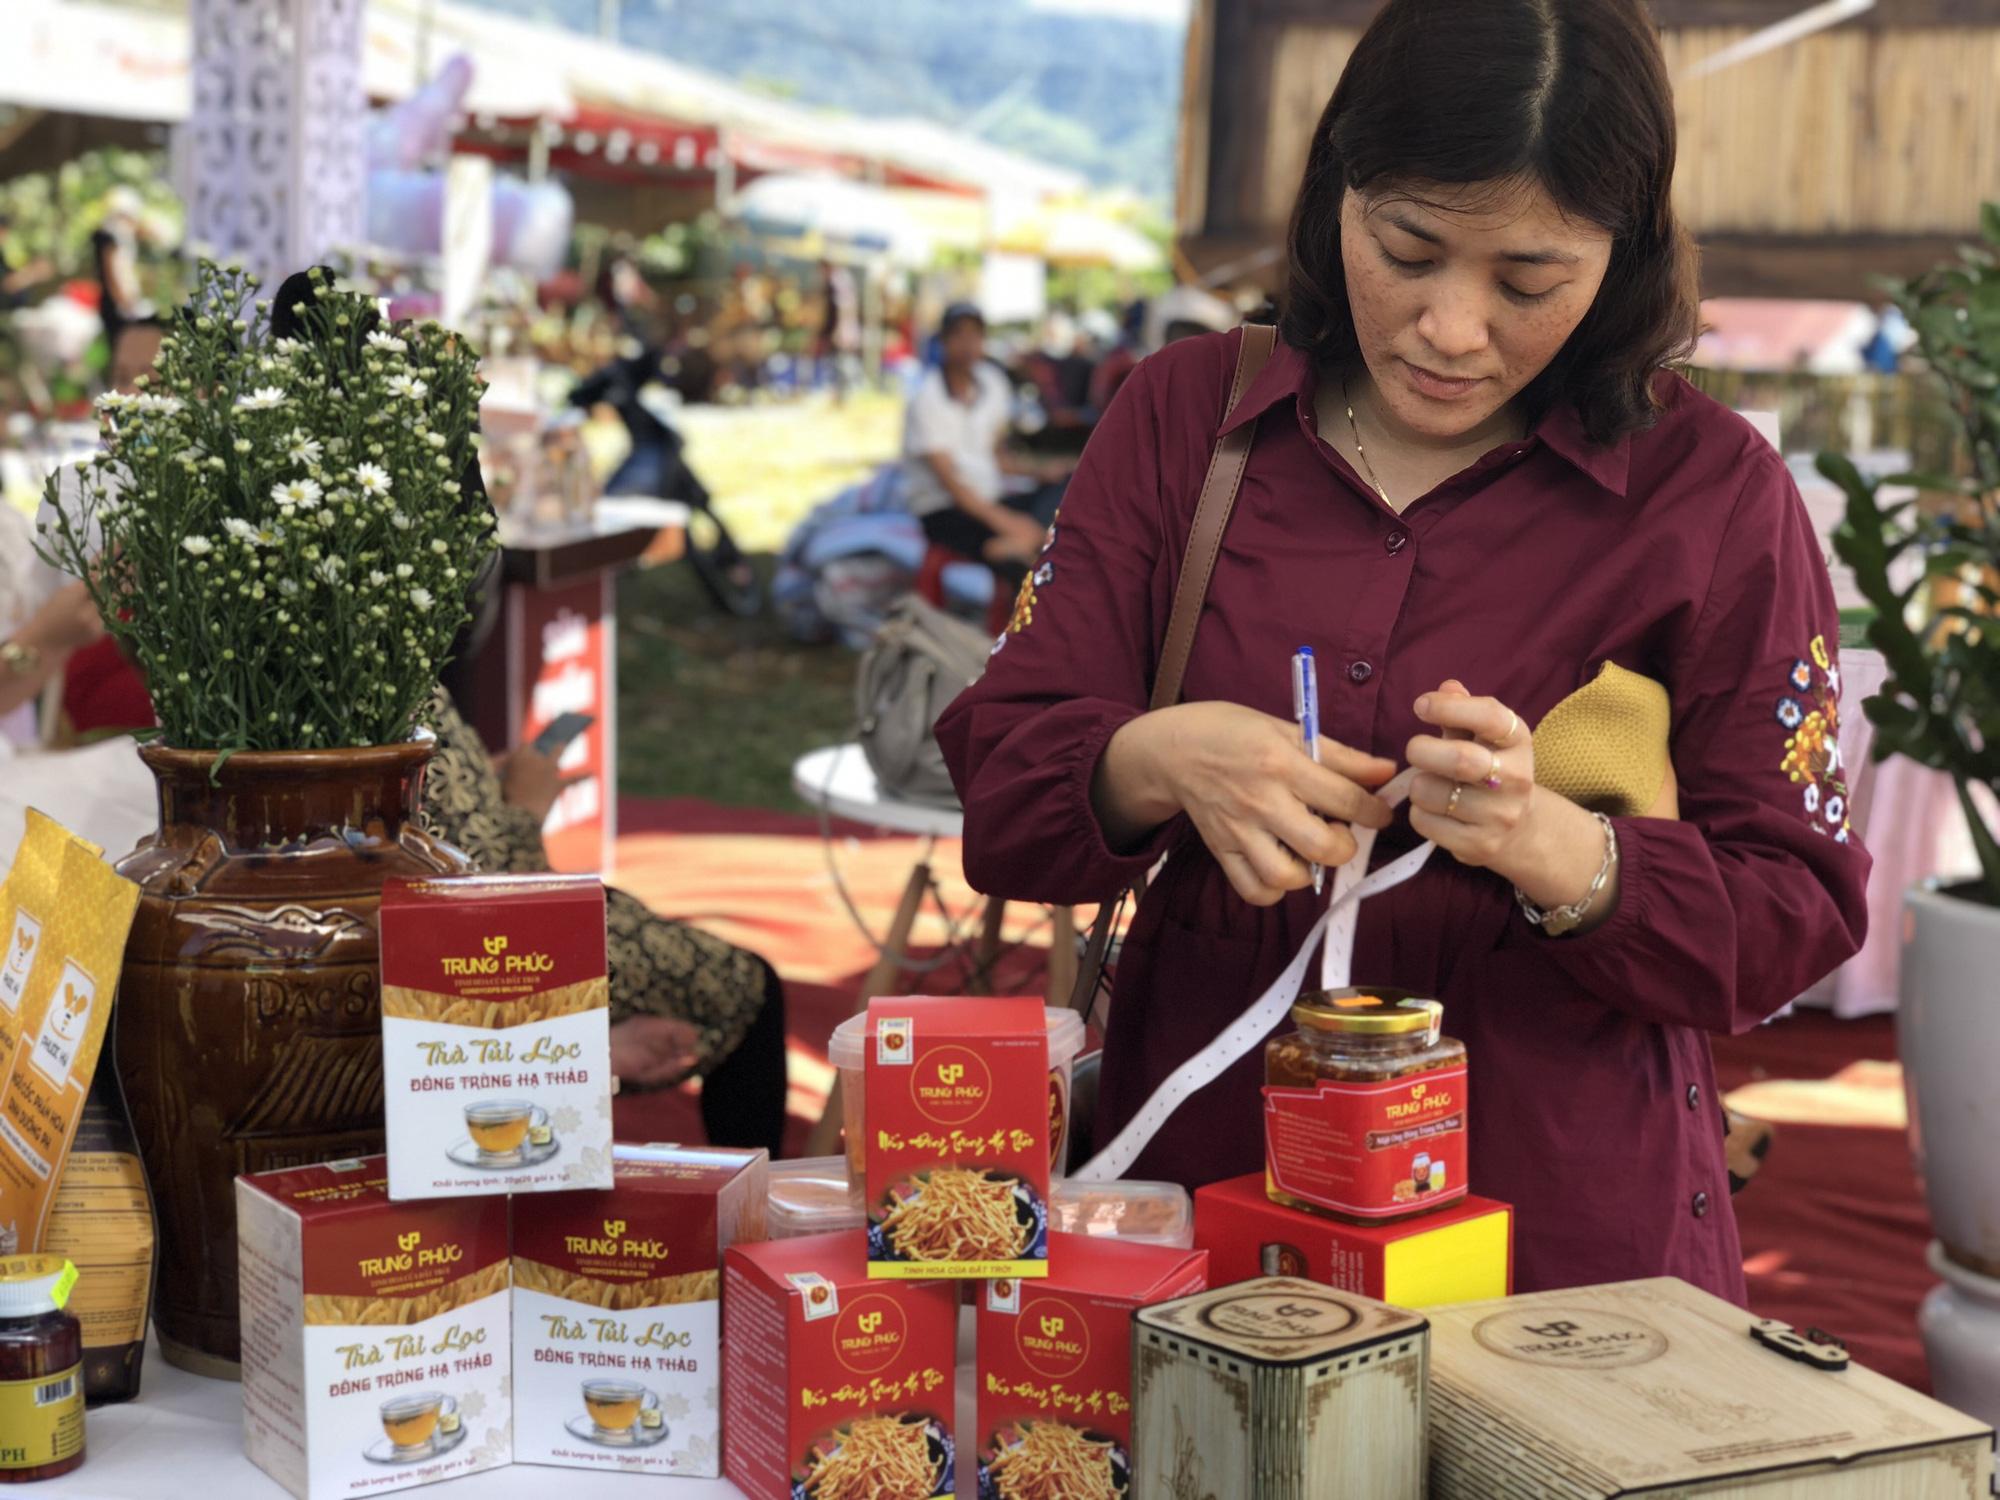 Đa dạng các sản phẩm OCOP tại các lễ hội, kết nối sản xuất với tiêu dùng - Ảnh 2.